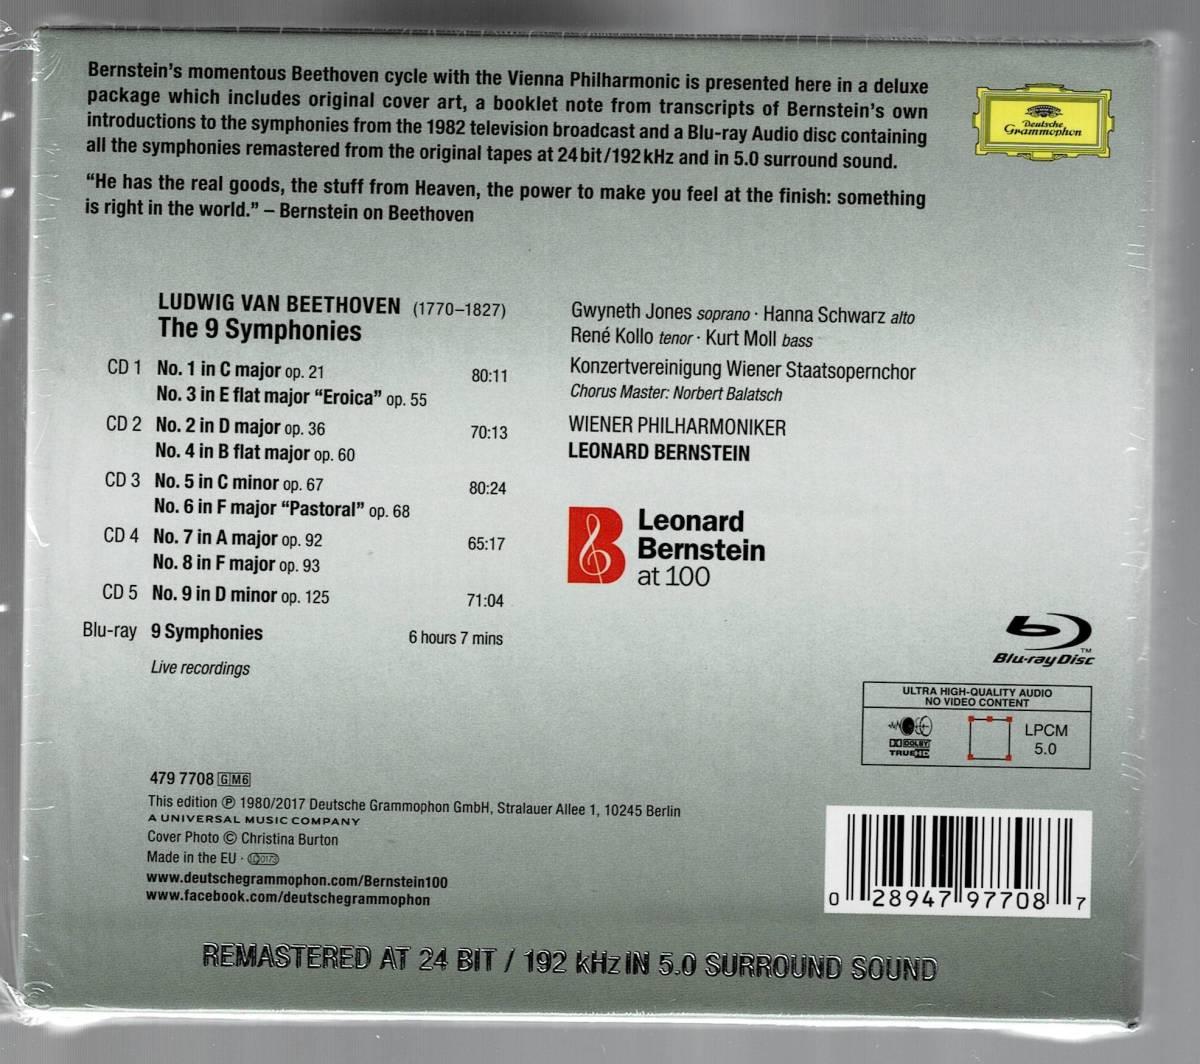 ベートーヴェン交響曲全集 レナード・バーンスタイン&ウィーン・フィル(5CD+ブルーレイ・オーディオ)新品同様_画像2